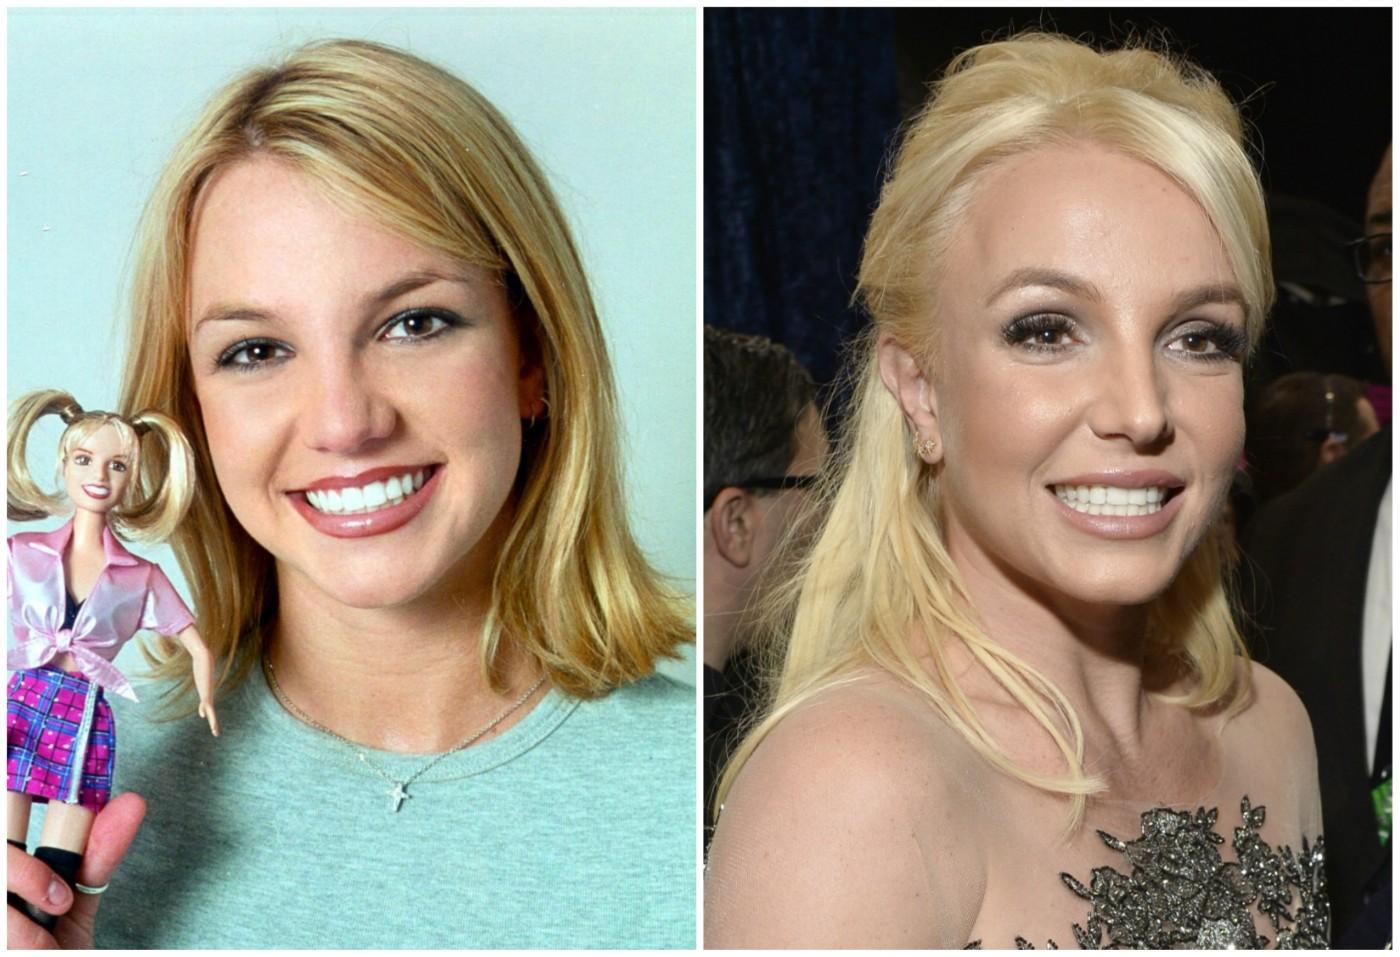 Aos 32 anos de idade, pode ser que Britney Spears esteja retomando bem sua carreira de cantora. Mas que susto ela deu em todo mundo antes disso, não? Spears cresceu diante das câmeras, trabalhando em um programa de televisão quando criança e, depois, se tornando uma grande popstar na virada do século. Mas, de 2007 em diante, ela enfrentou uma série de problemas, até decidir raspar os próprios cabelos e atacar paparazzi. (Foto: Getty Images)